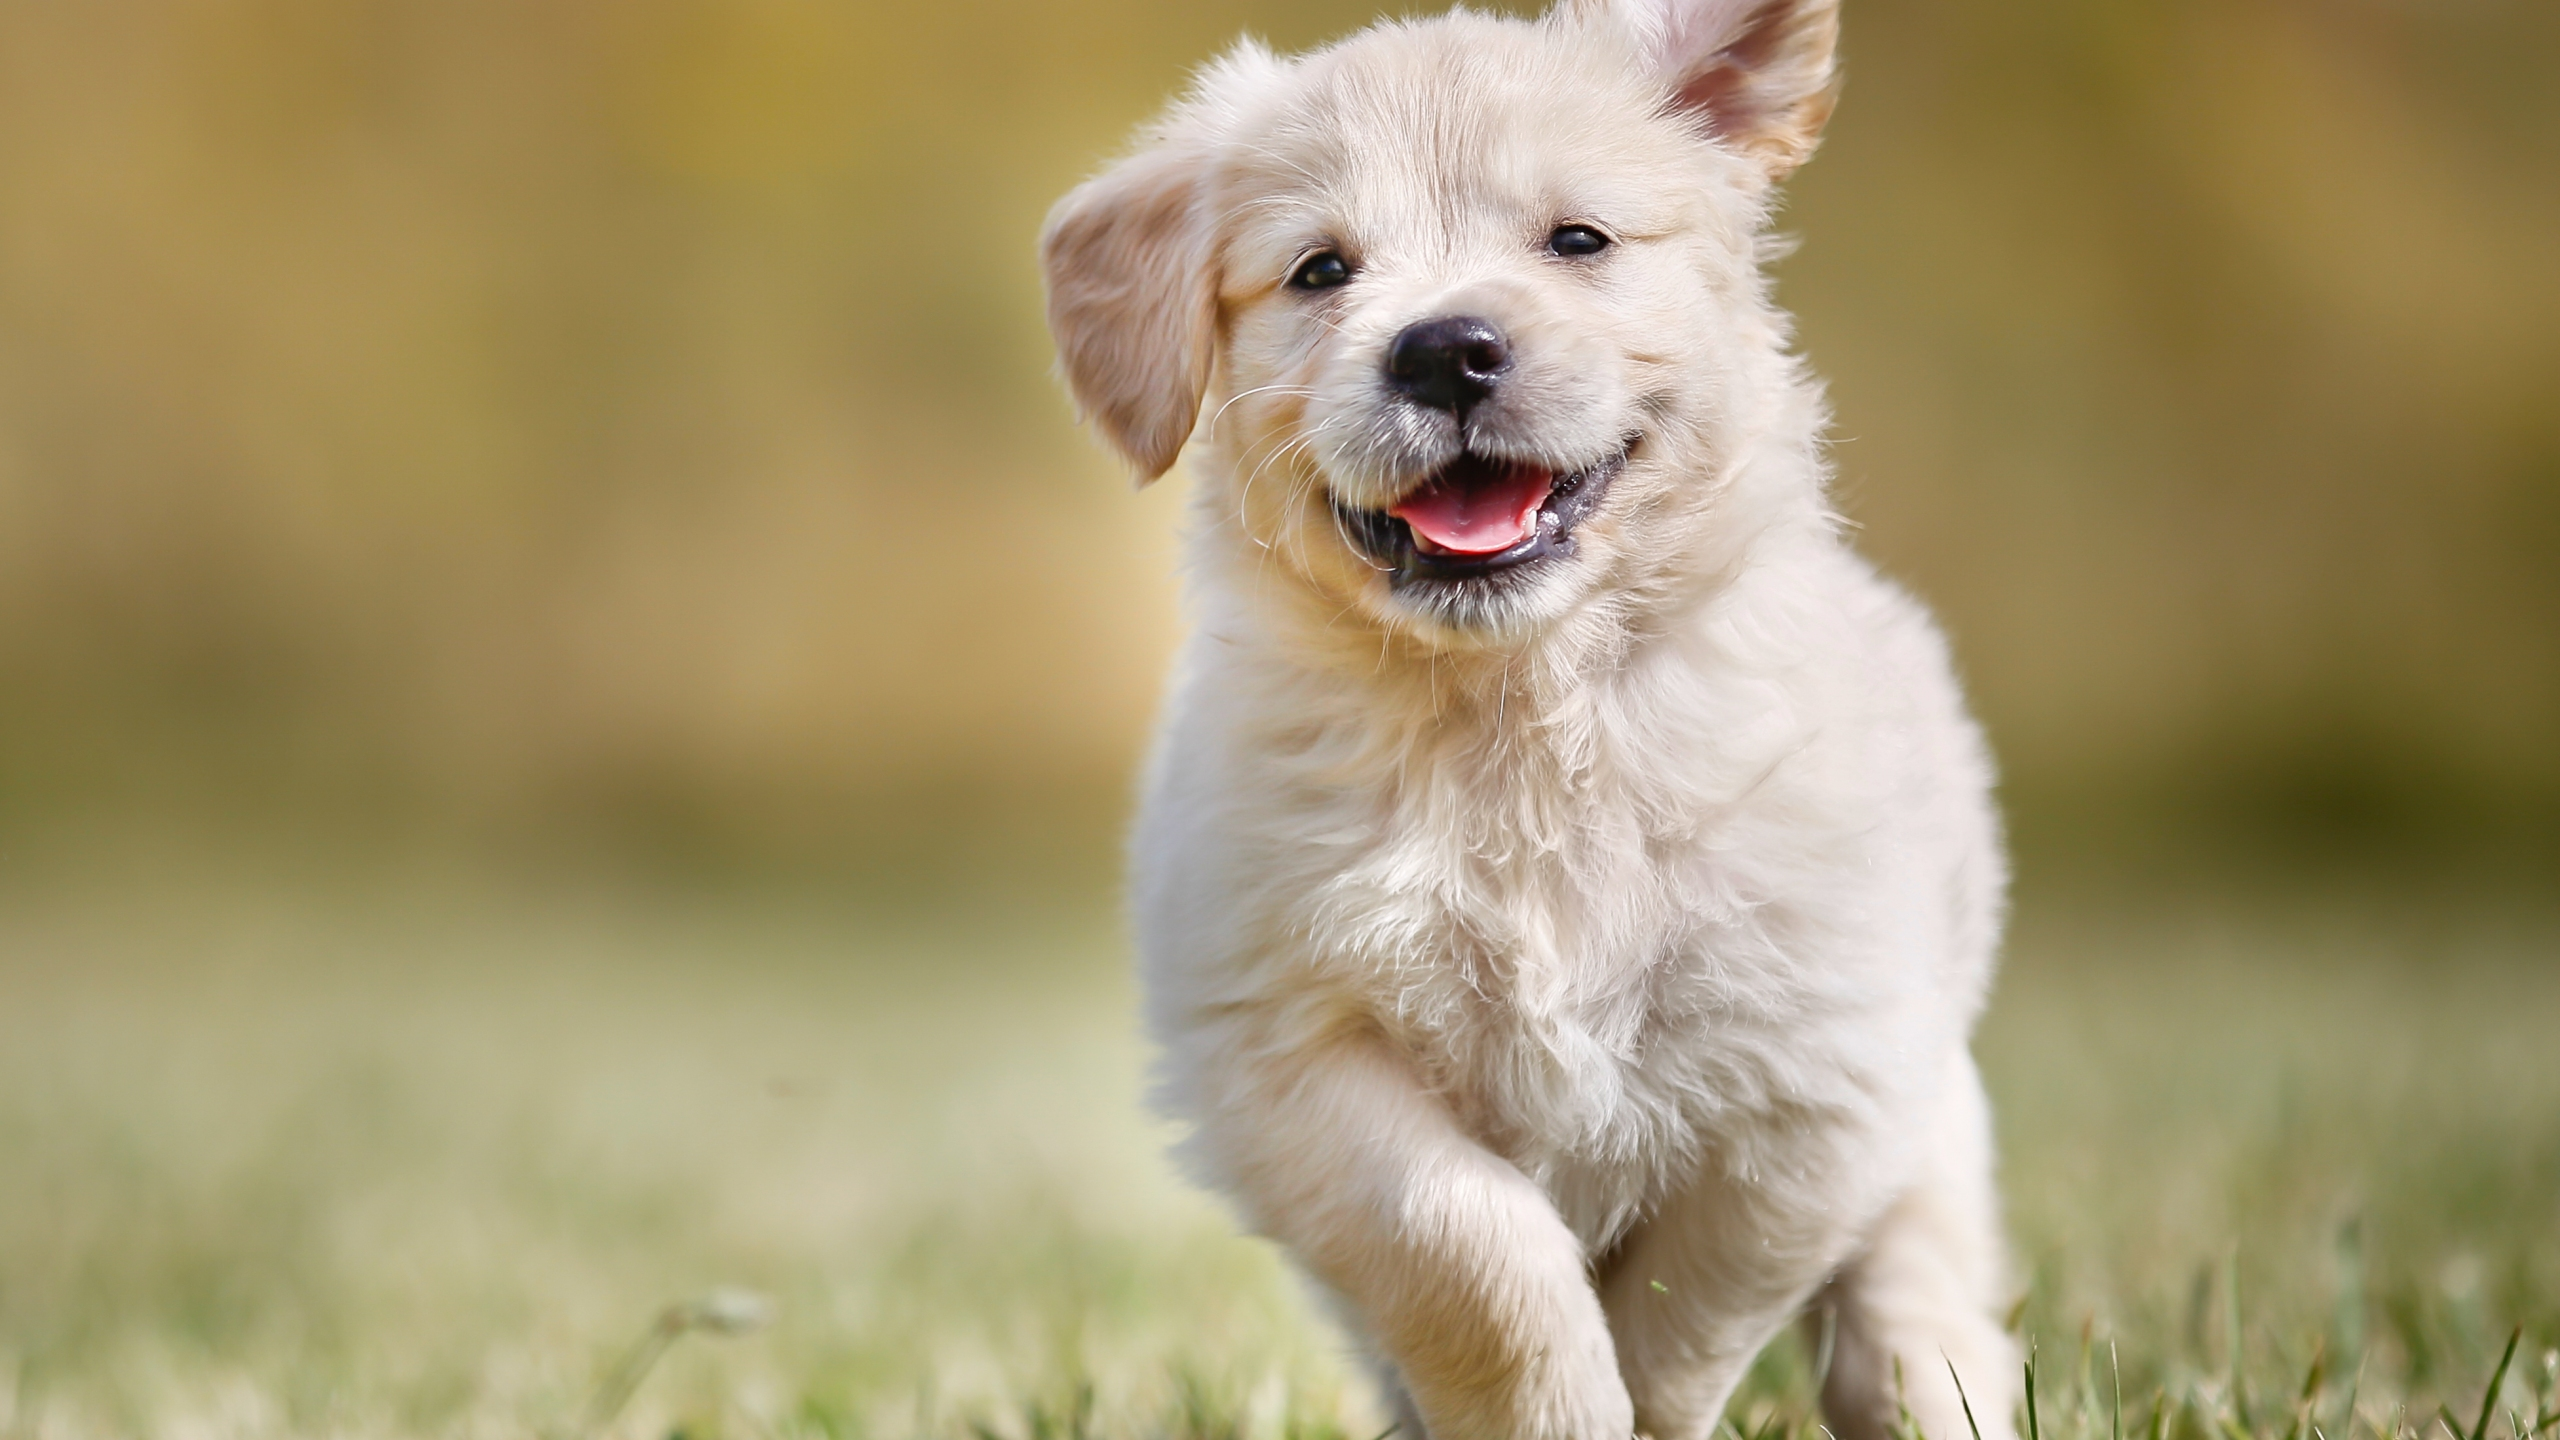 bigstock-Playful-Golden-Retriever-Puppy-70628125_1499102578844_267539_ver1_20170704051004-159532